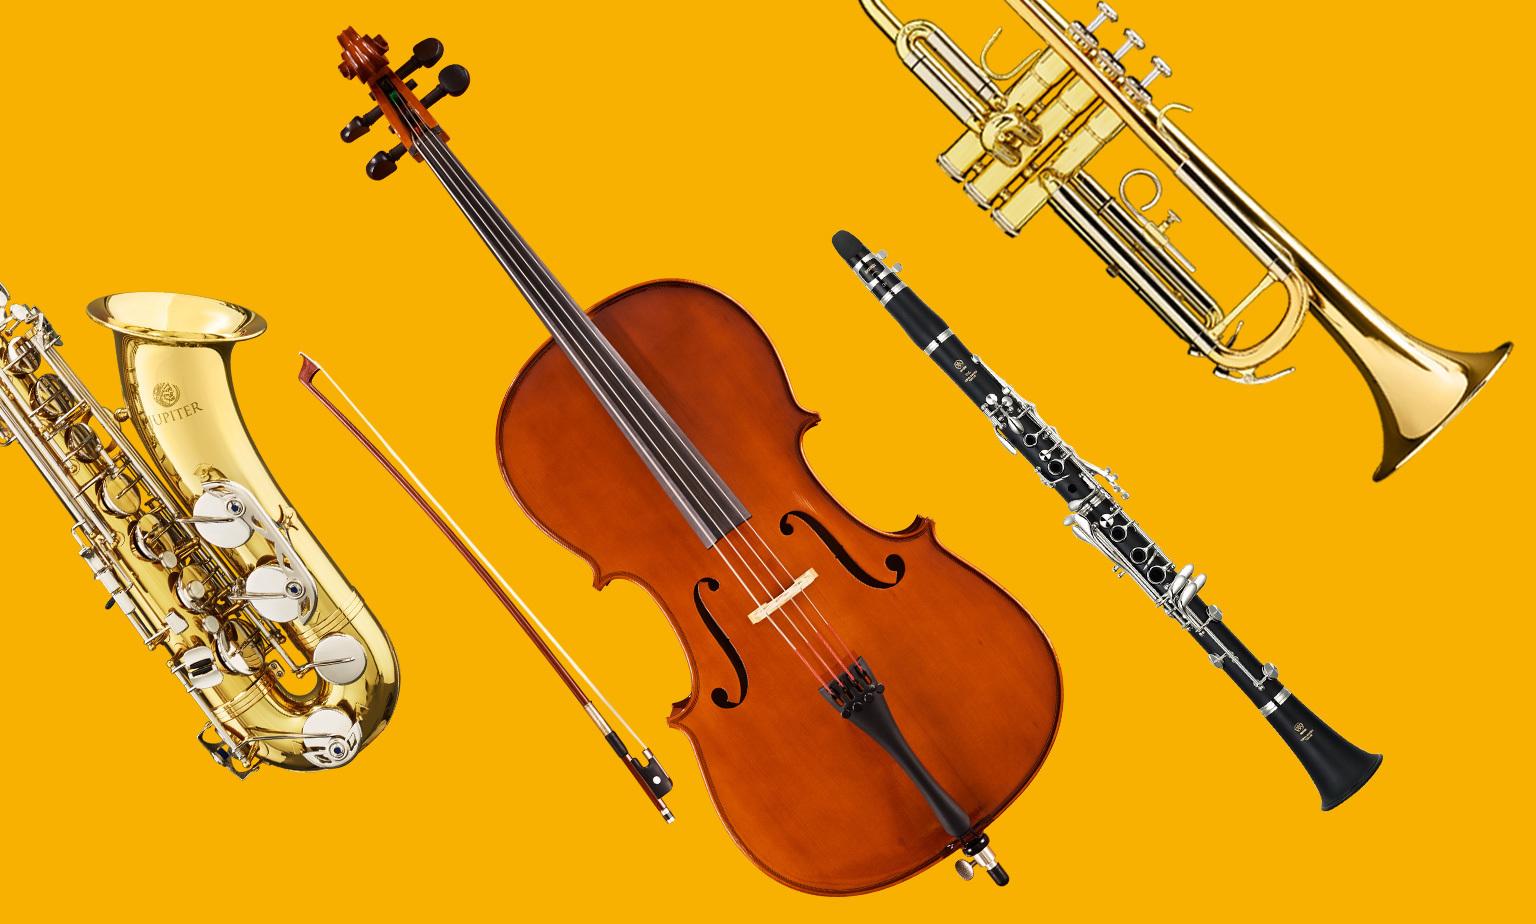 Beginner Musicians Start Here